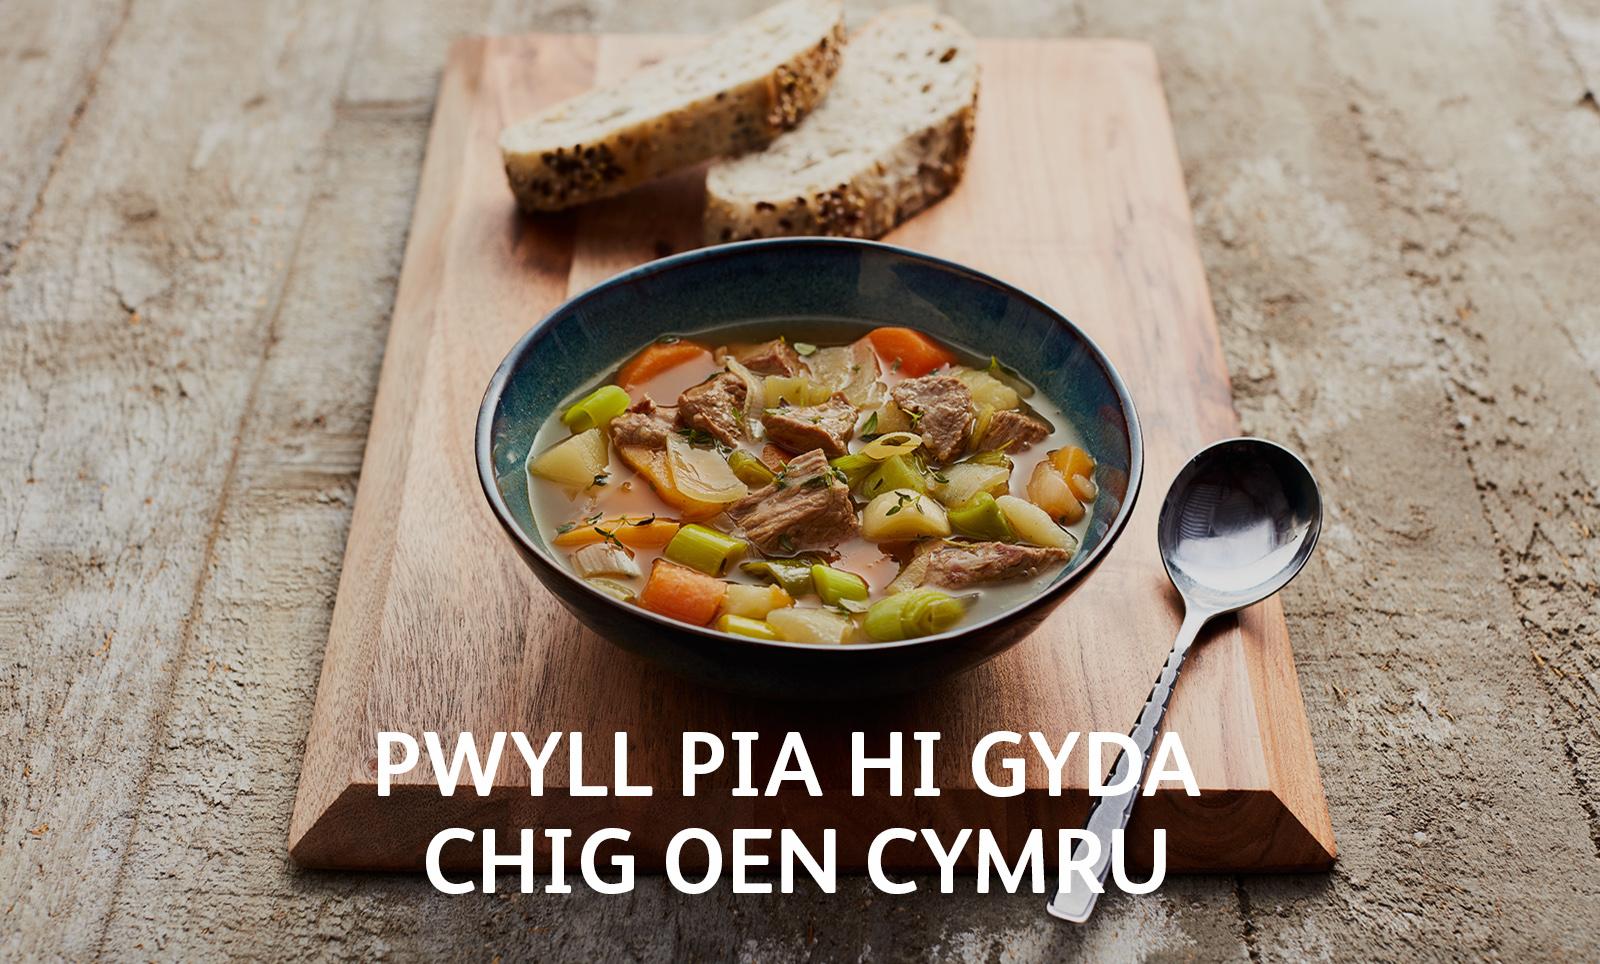 Pwyll pia hi gyda Chig Oen Cymru